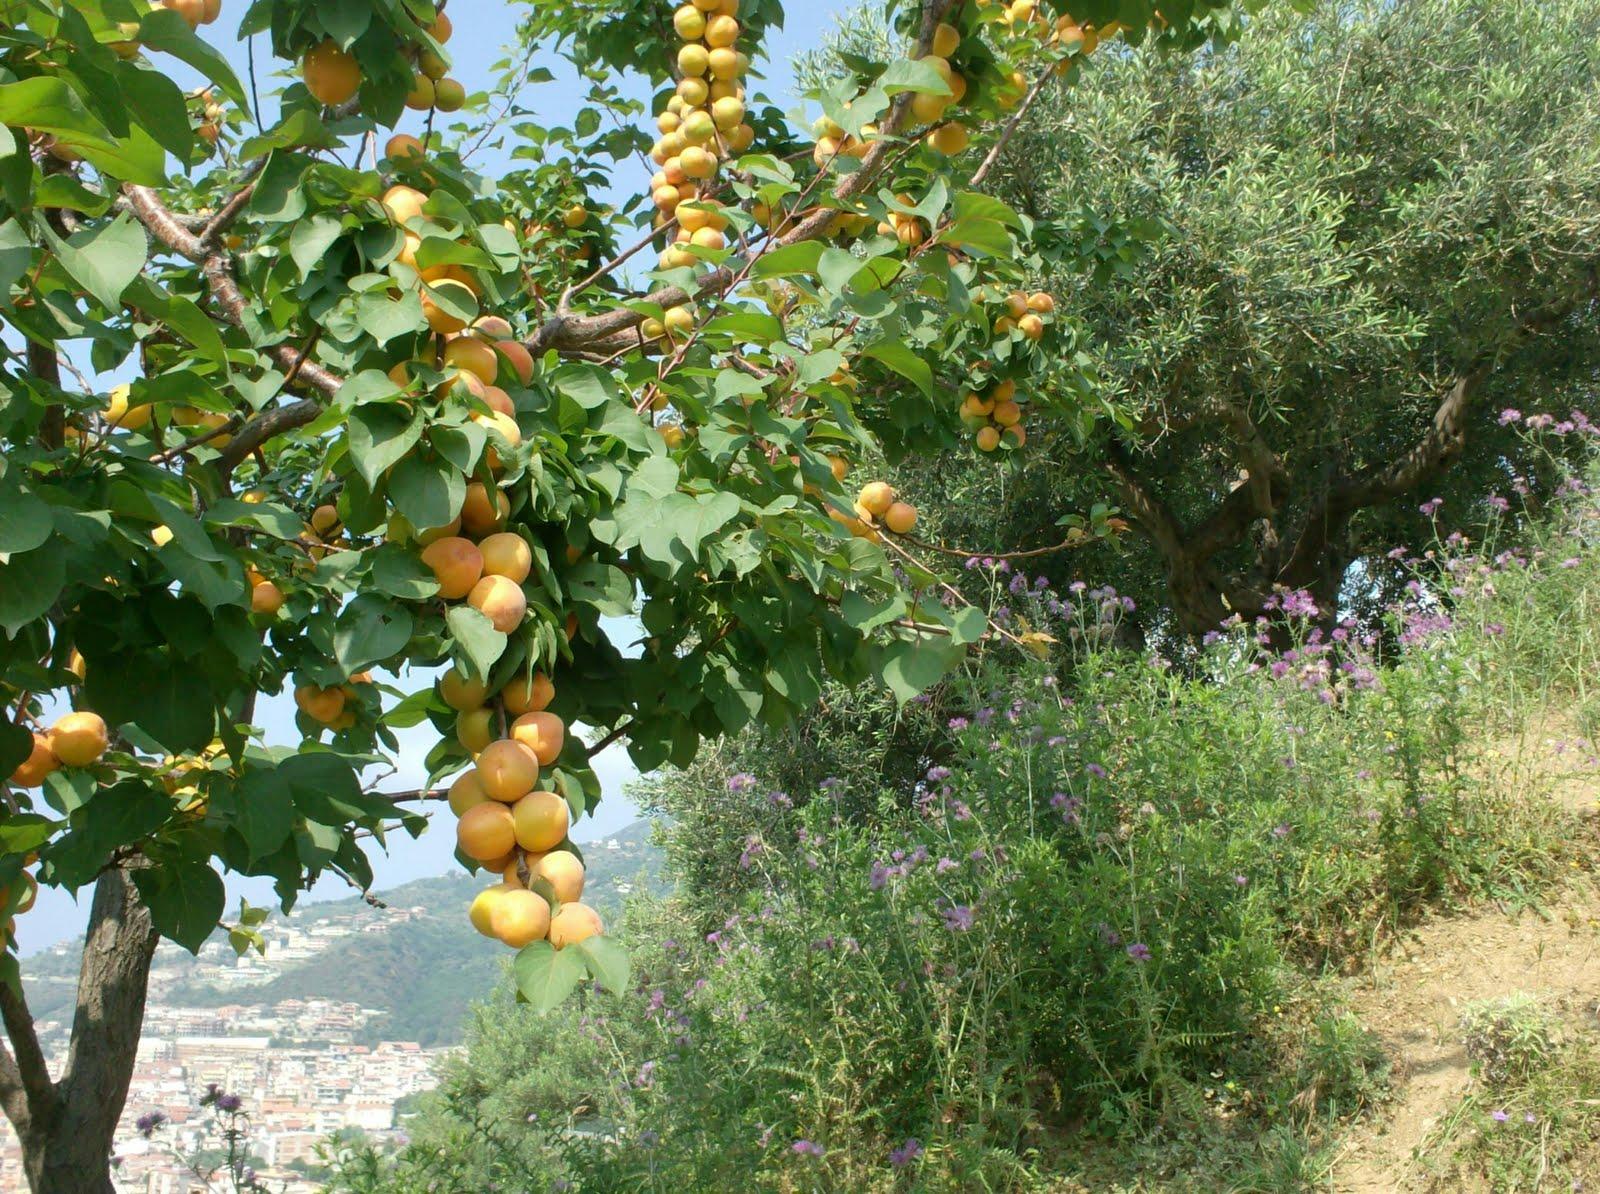 Piante Di Prugne : L orto di michele alcune coltivazioni dei mesi scorsi